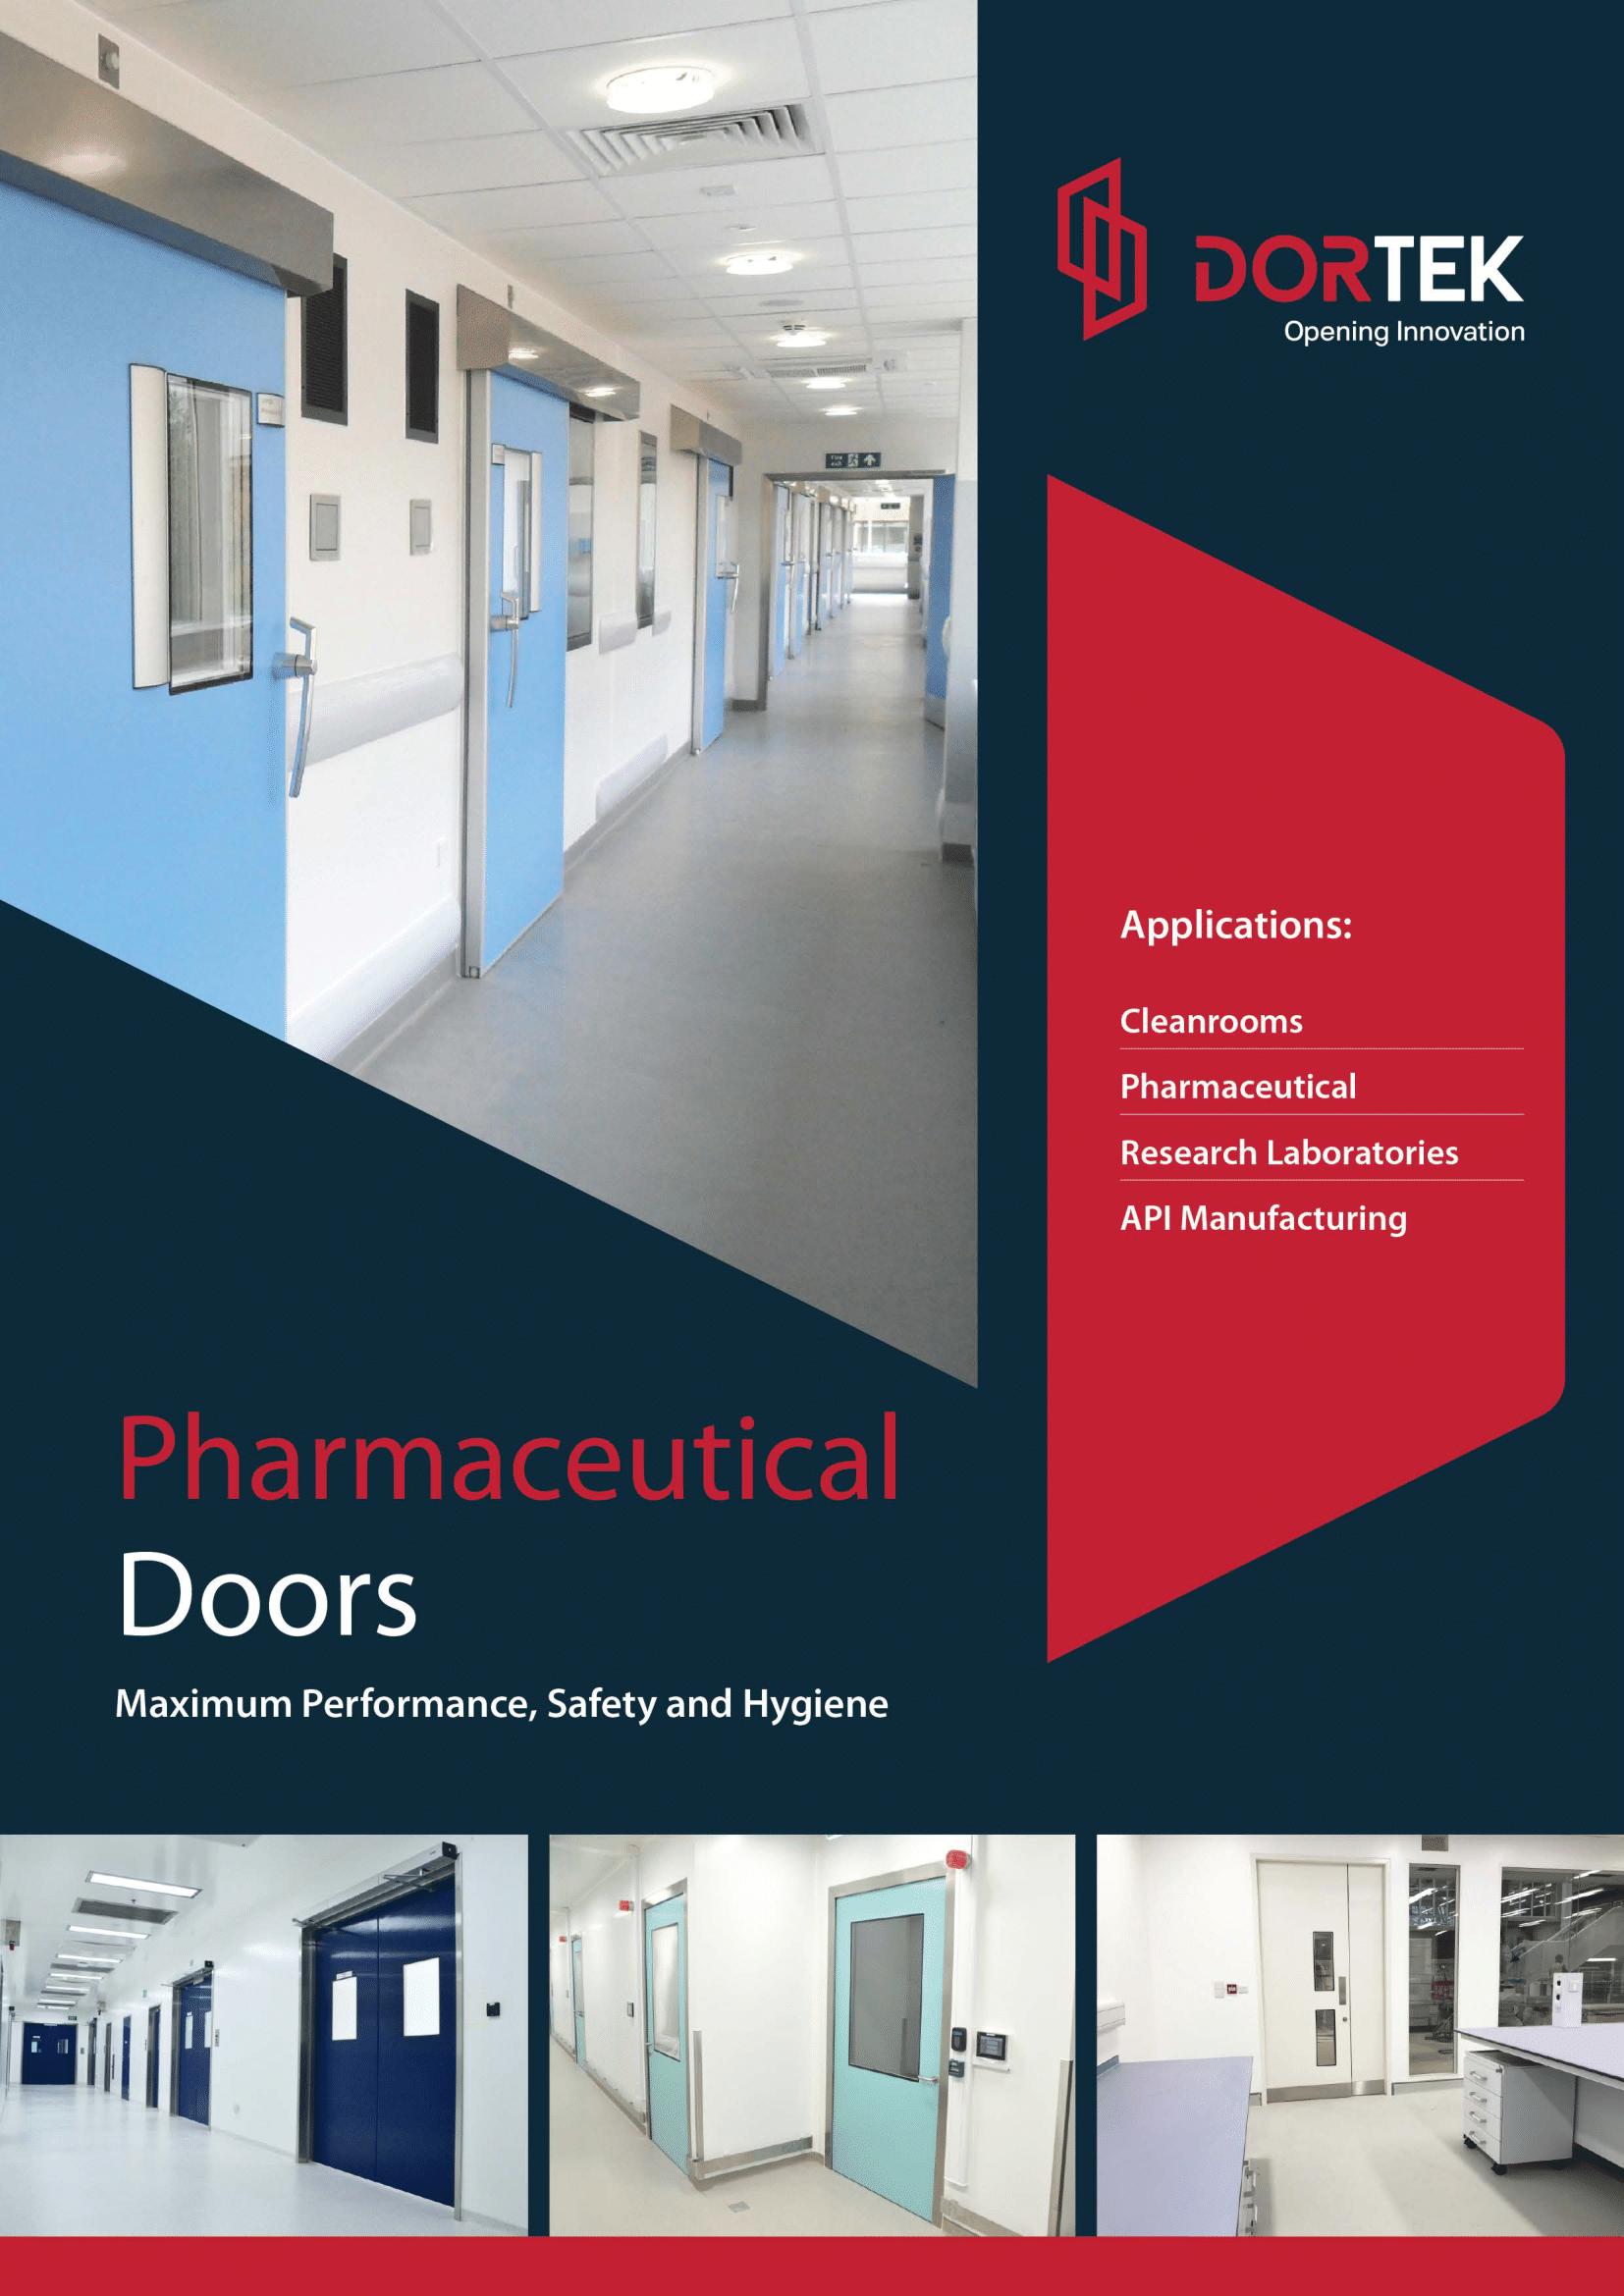 Dortek Pharmaceutical Door Brochure